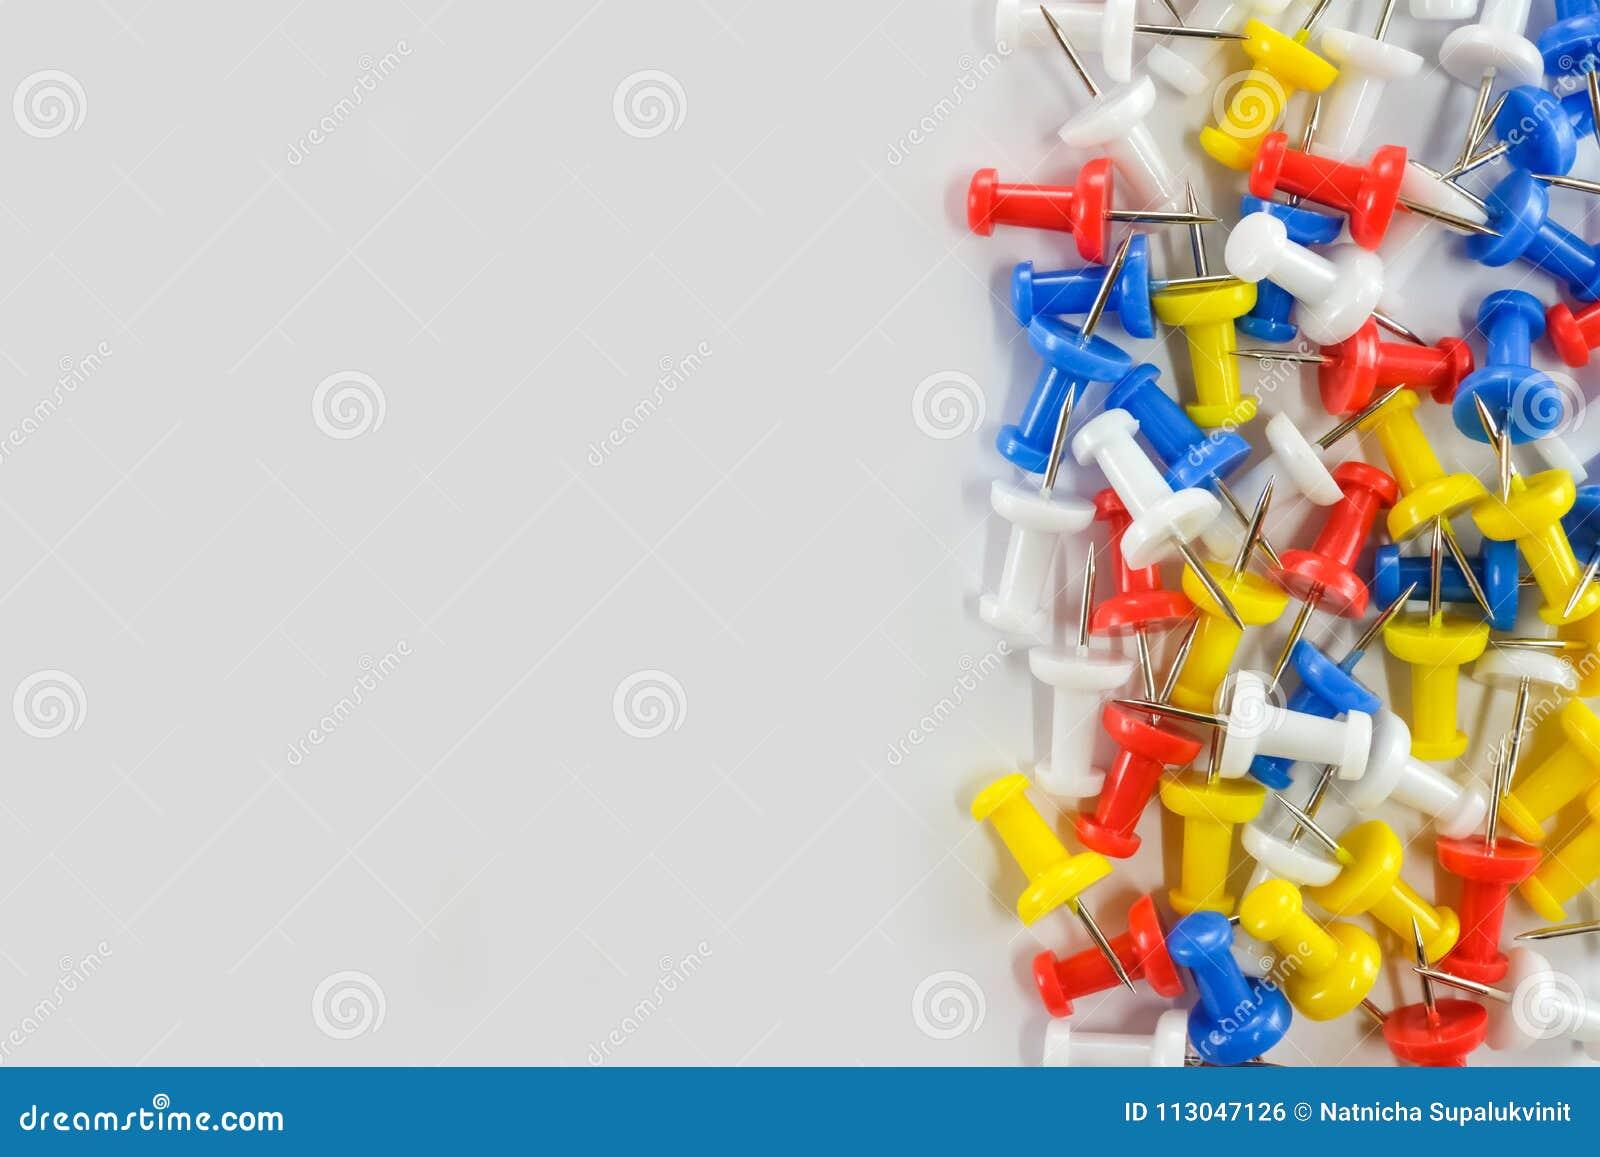 在白色背景右侧,上色推挤别针红色,黄色,白色和蓝色小组